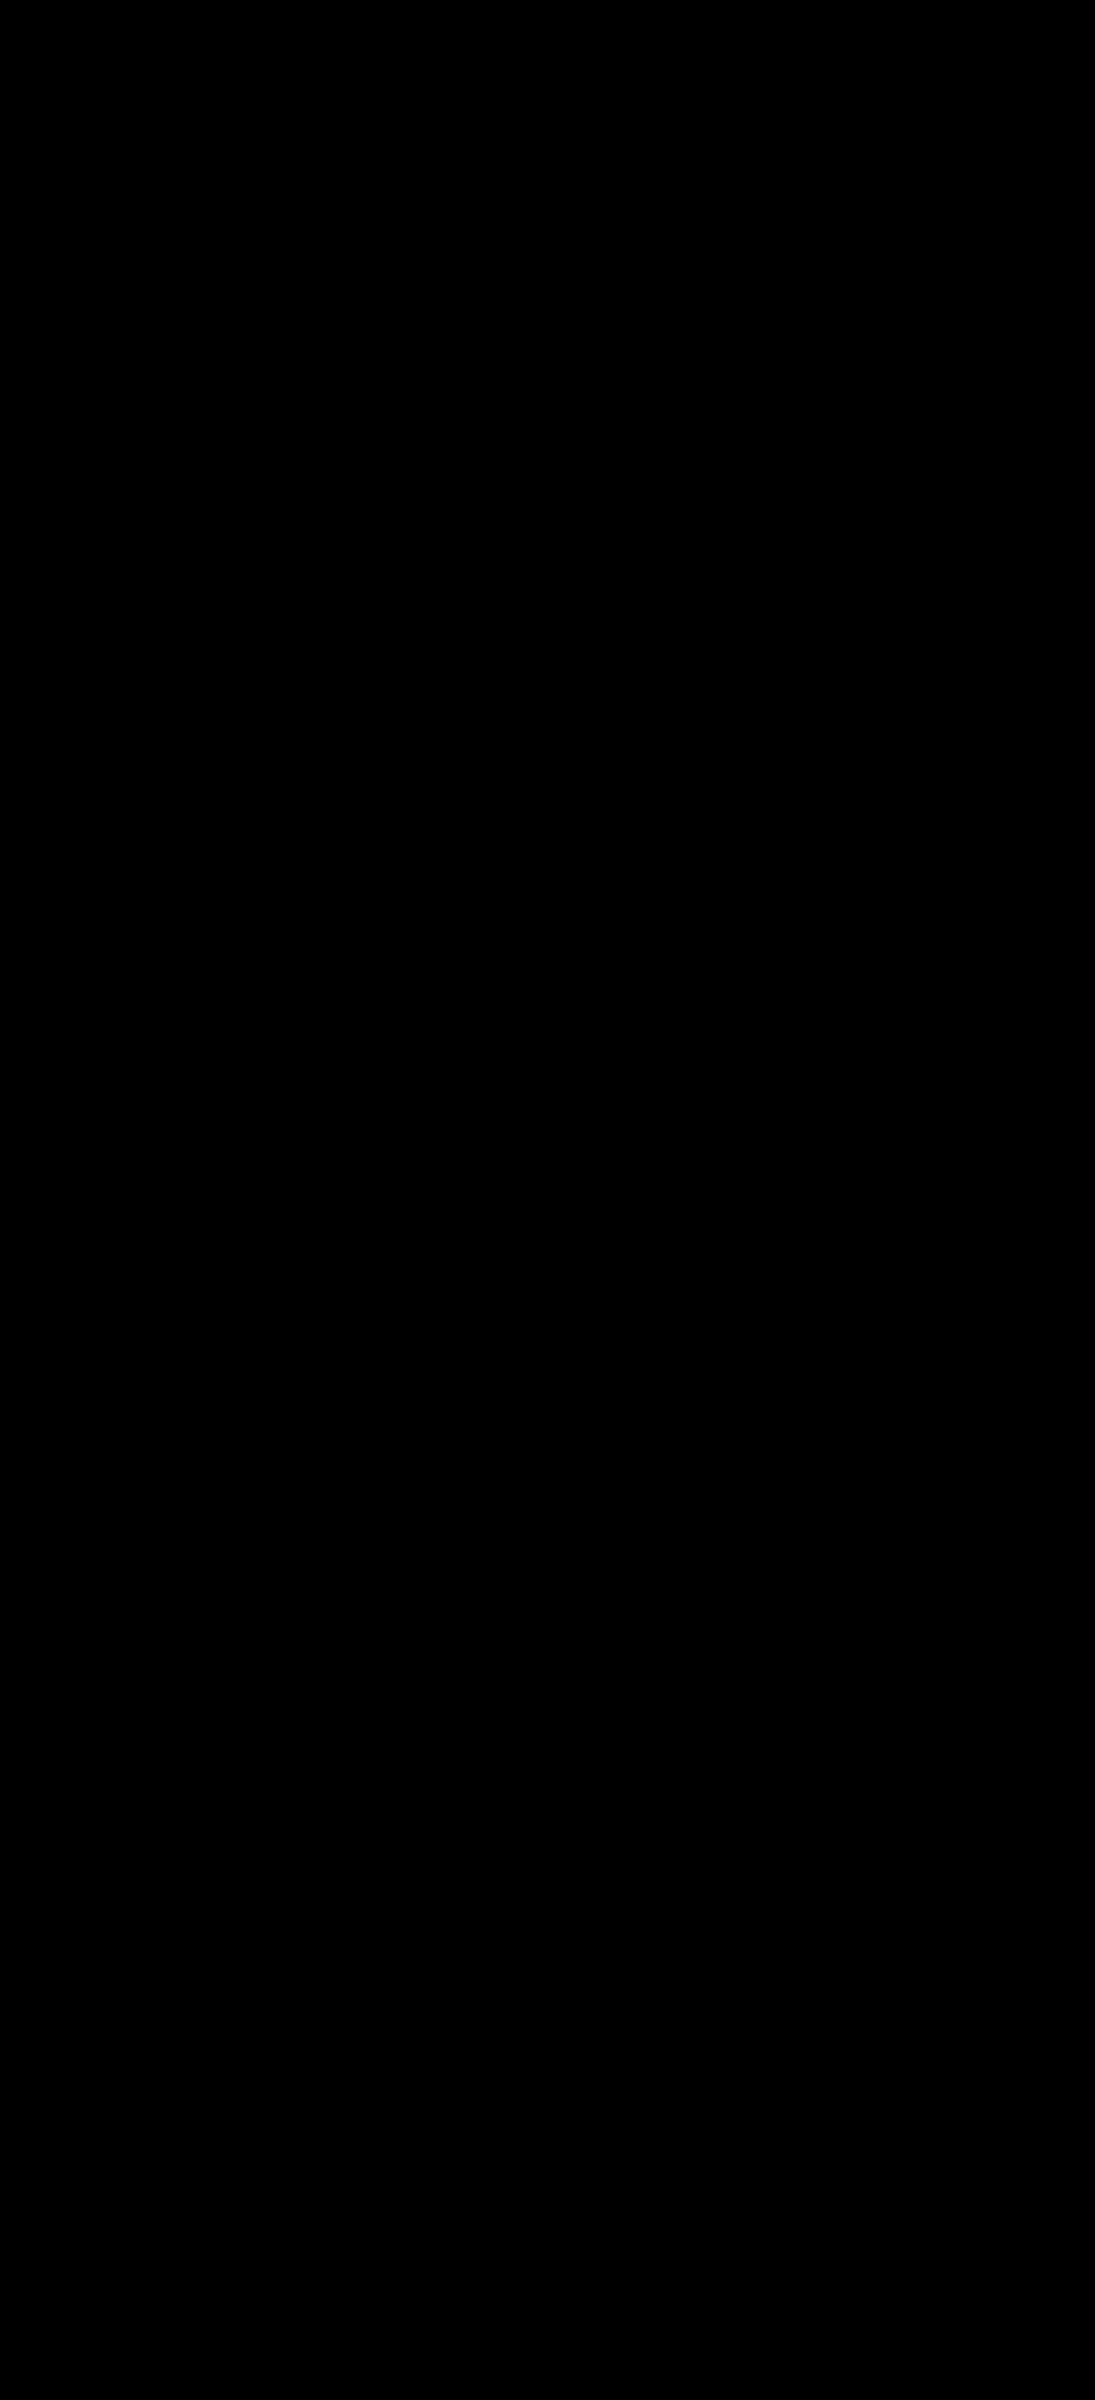 1095x2400 Black And White Lightning Bolt Clipart